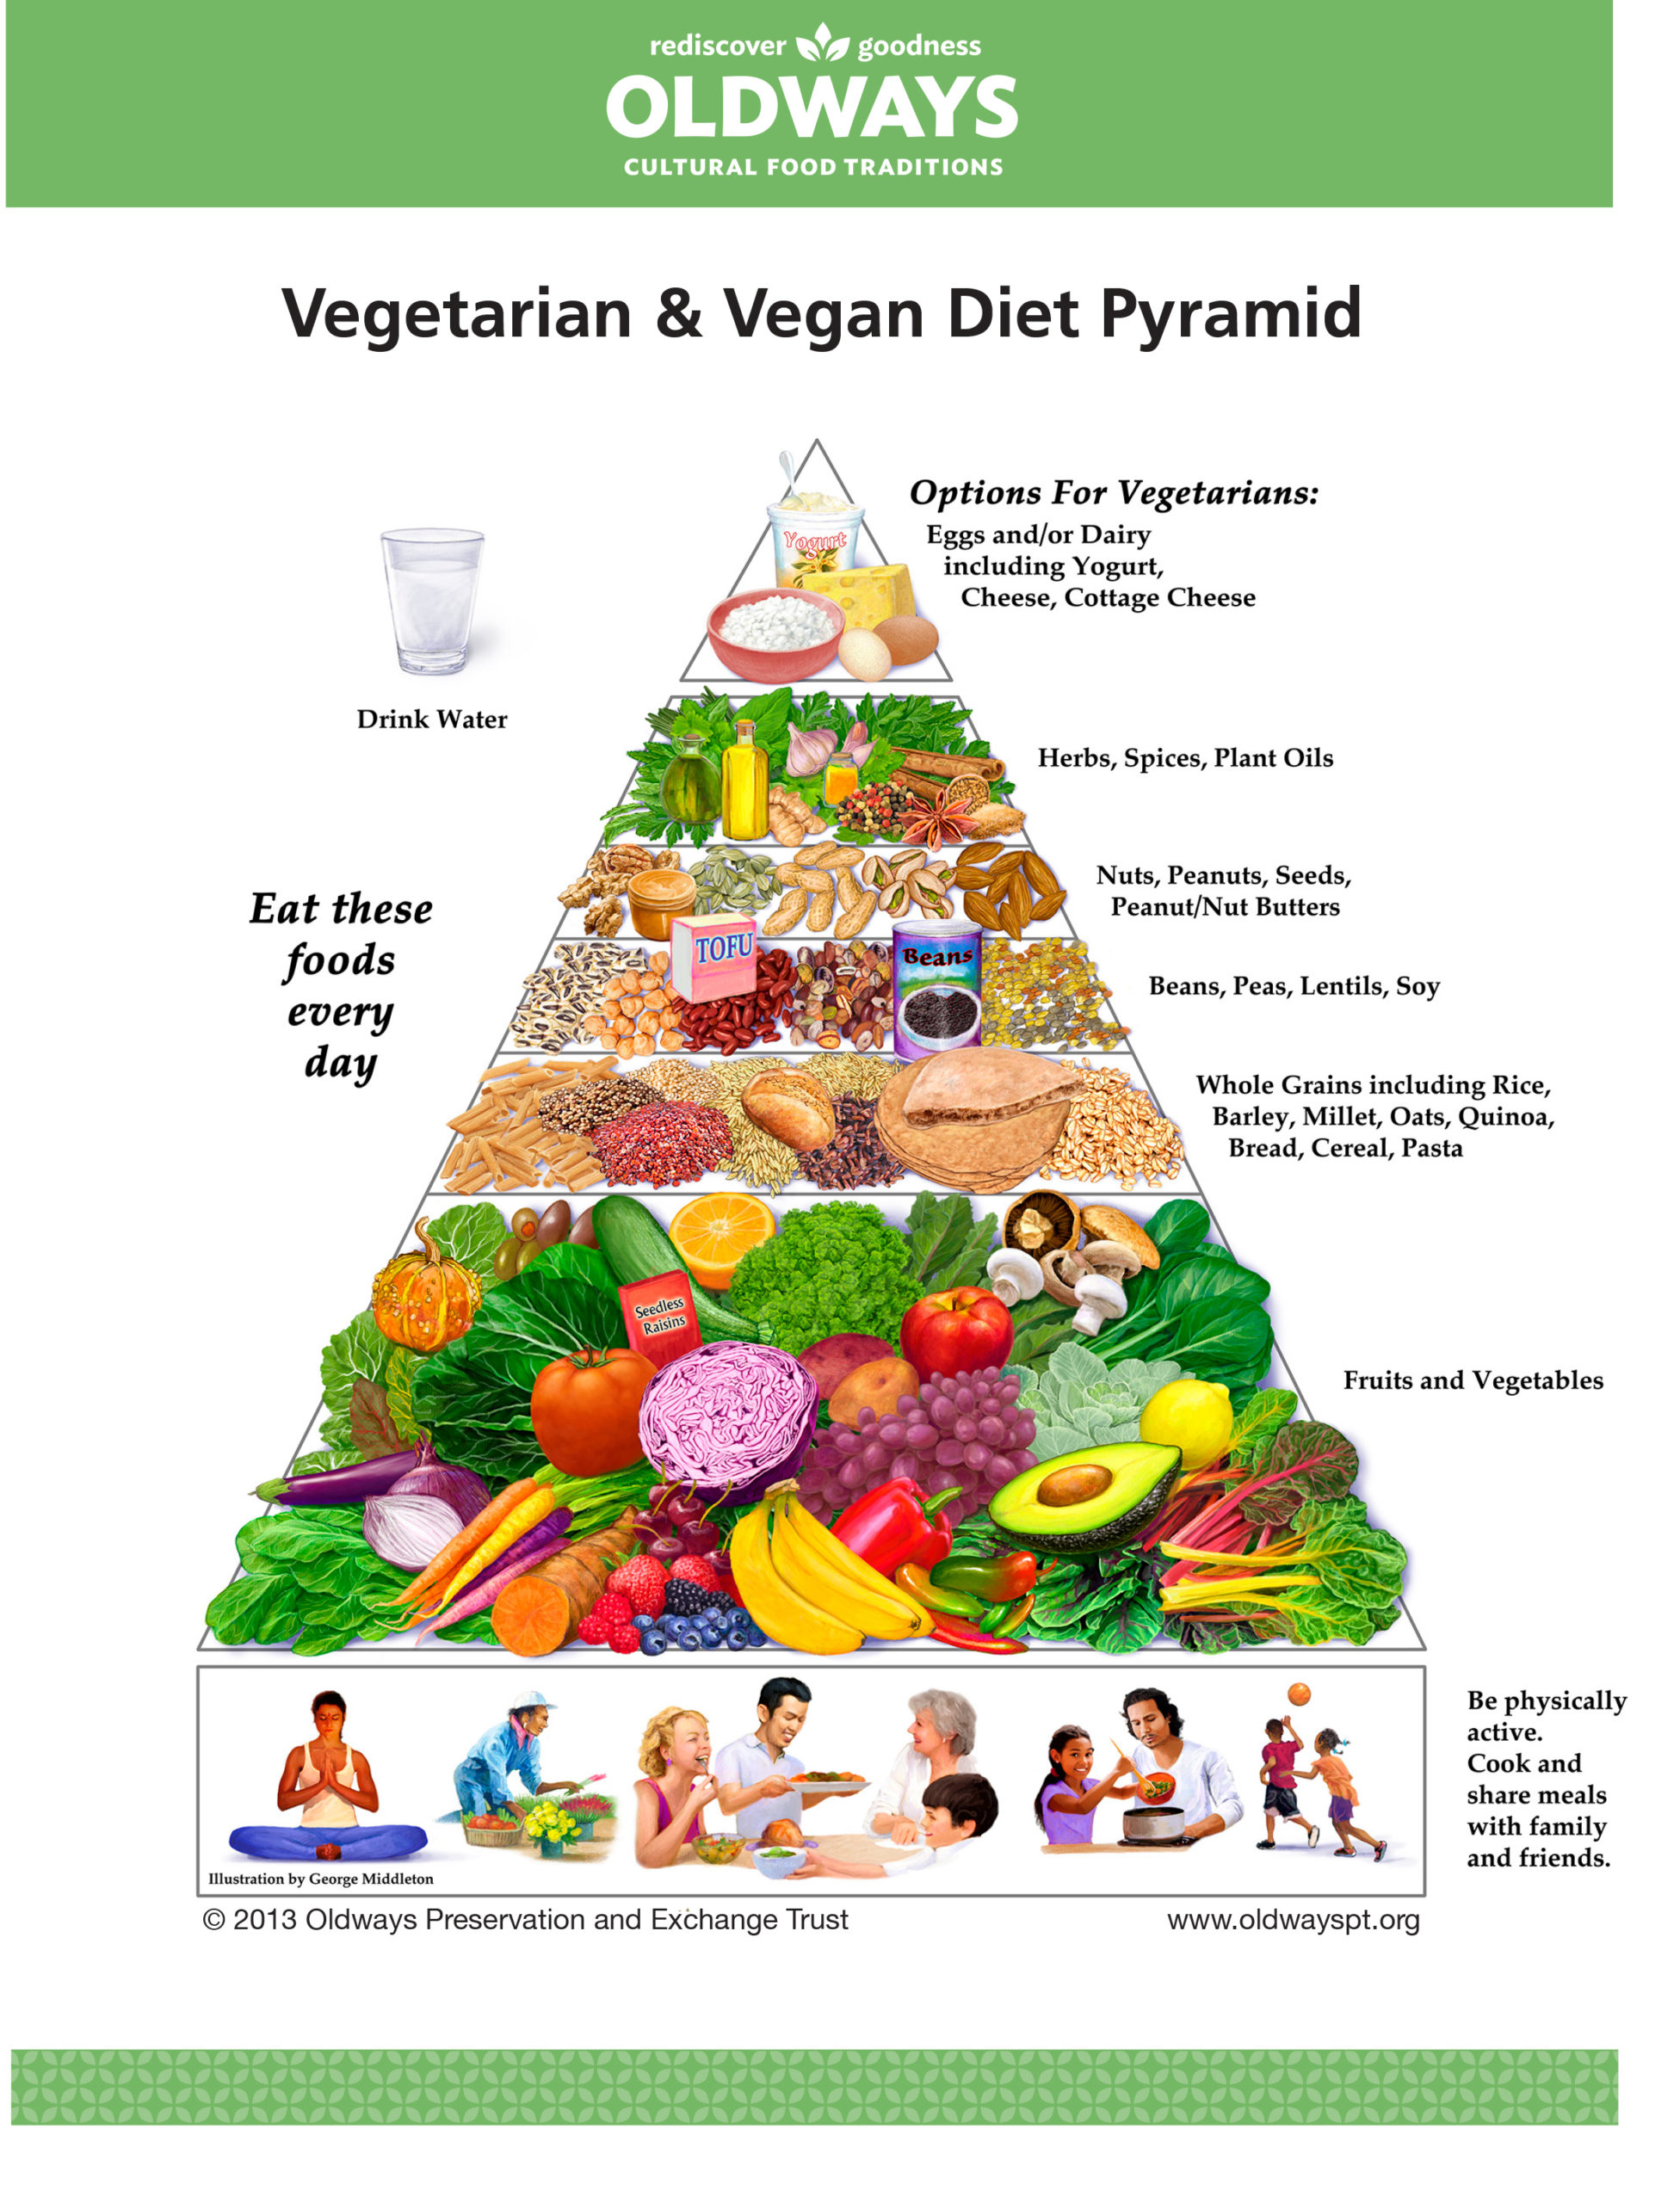 Похудеть помогает веганская диета